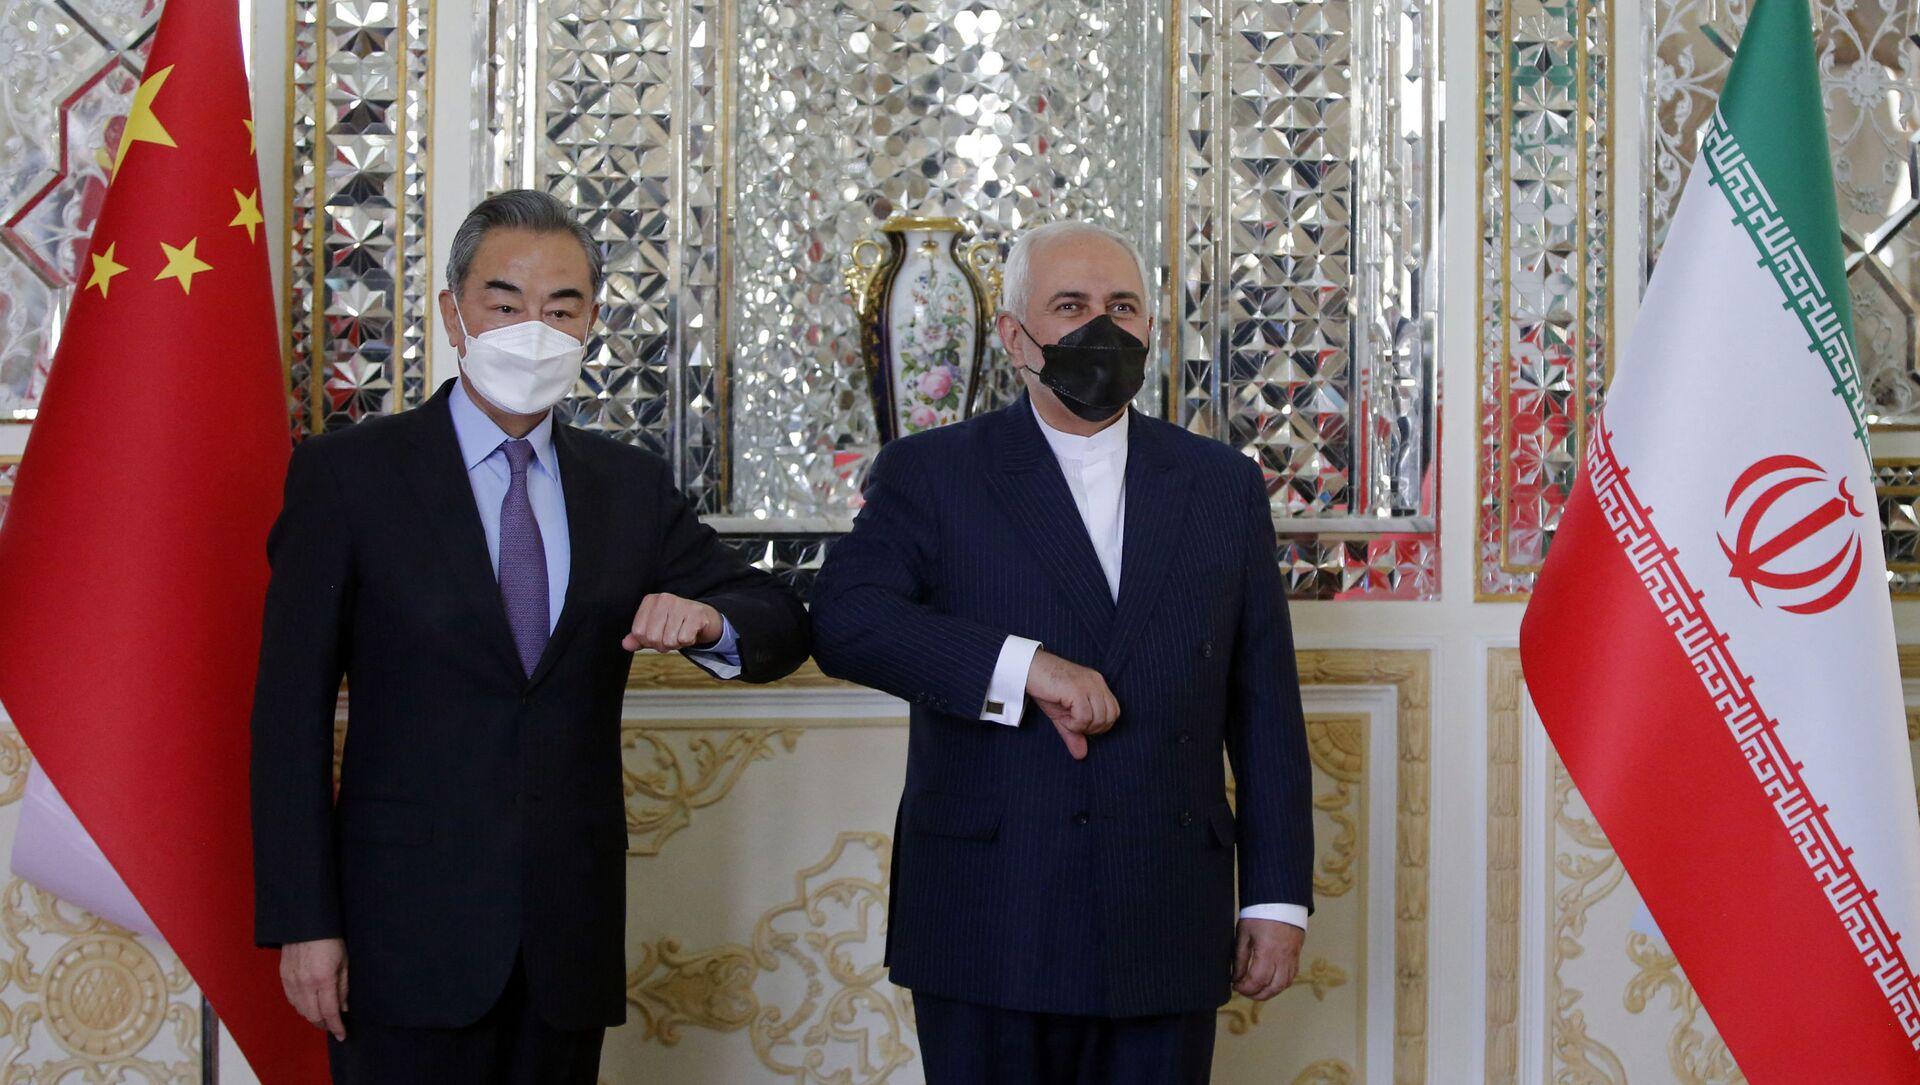 Minister spraw zagranicznych Chin Wang Yi i szef irańskiej dyplomacji Mohammad Javad Zarif.  - Sputnik Polska, 1920, 27.03.2021